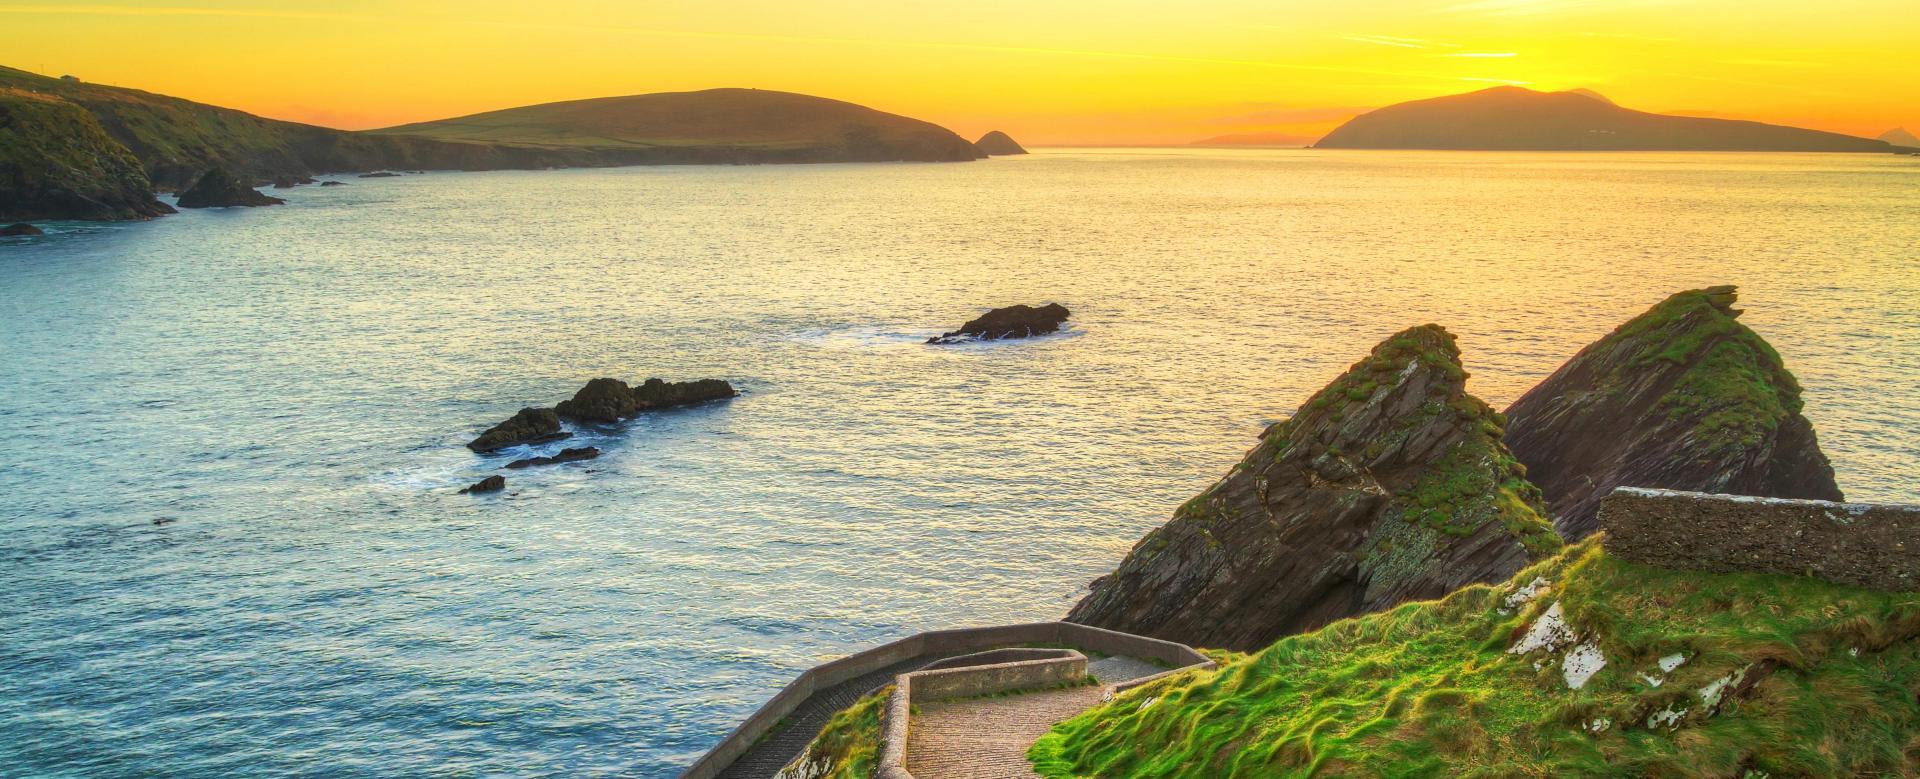 Voyage à pied Irlande : Le grand tour de l'irlande